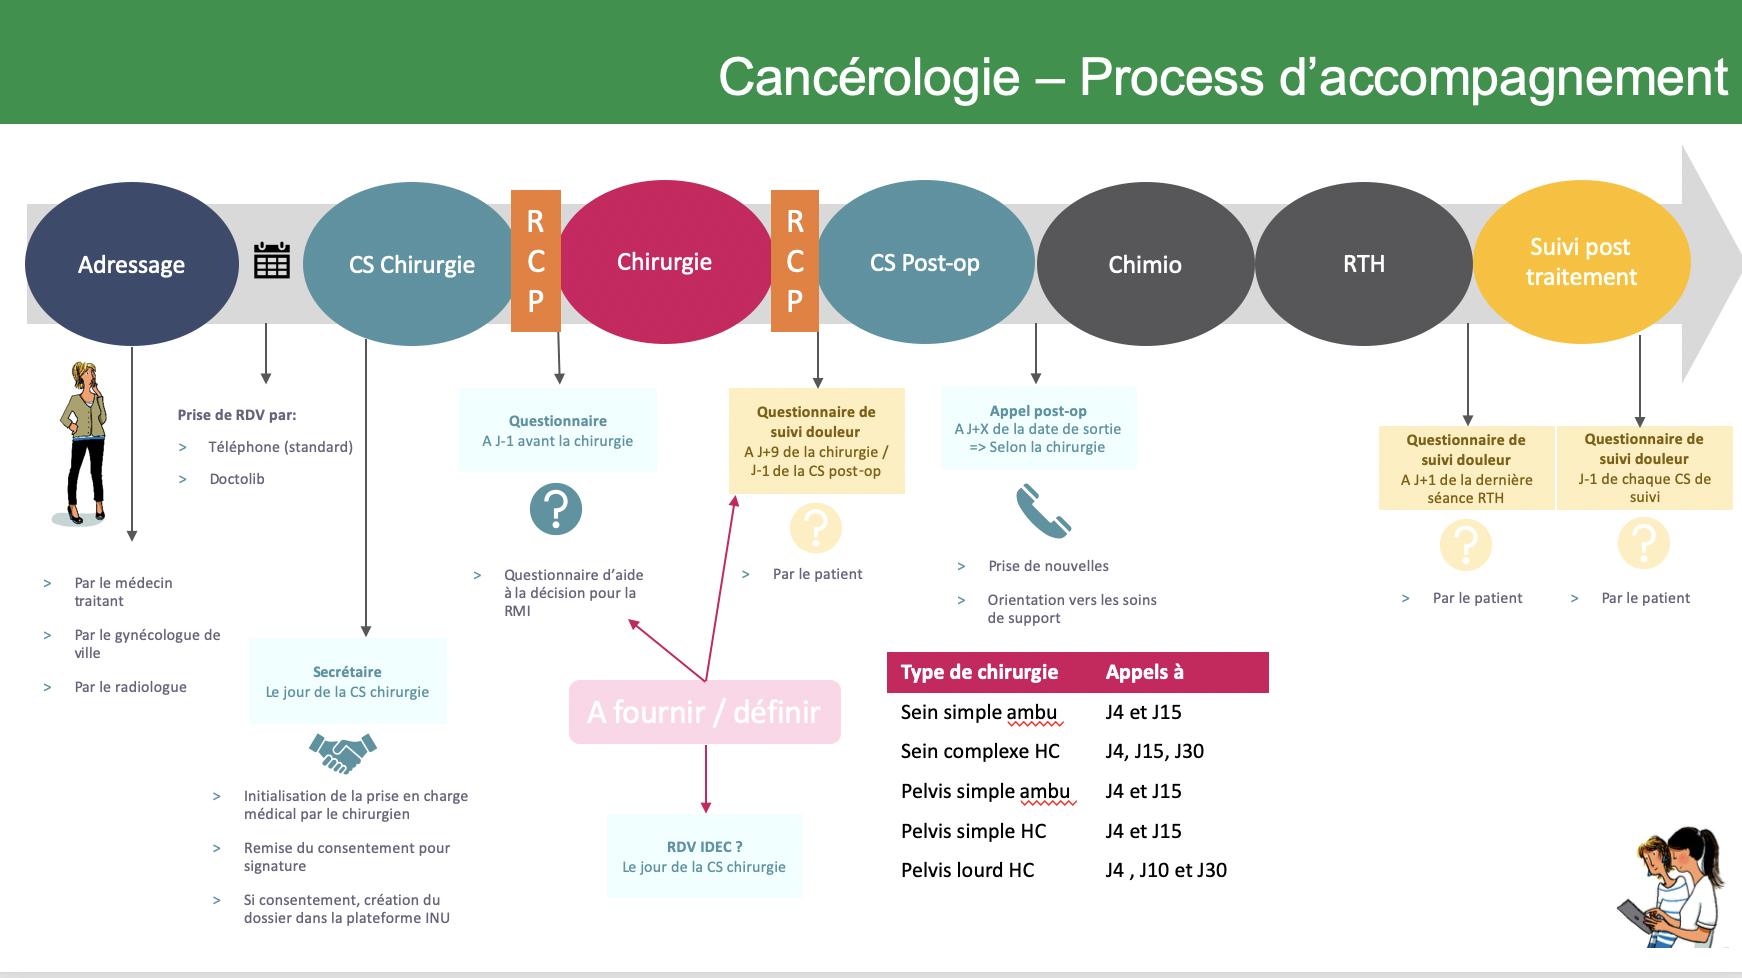 PARCOURS DE SOINS EN CANCEROLOGIE